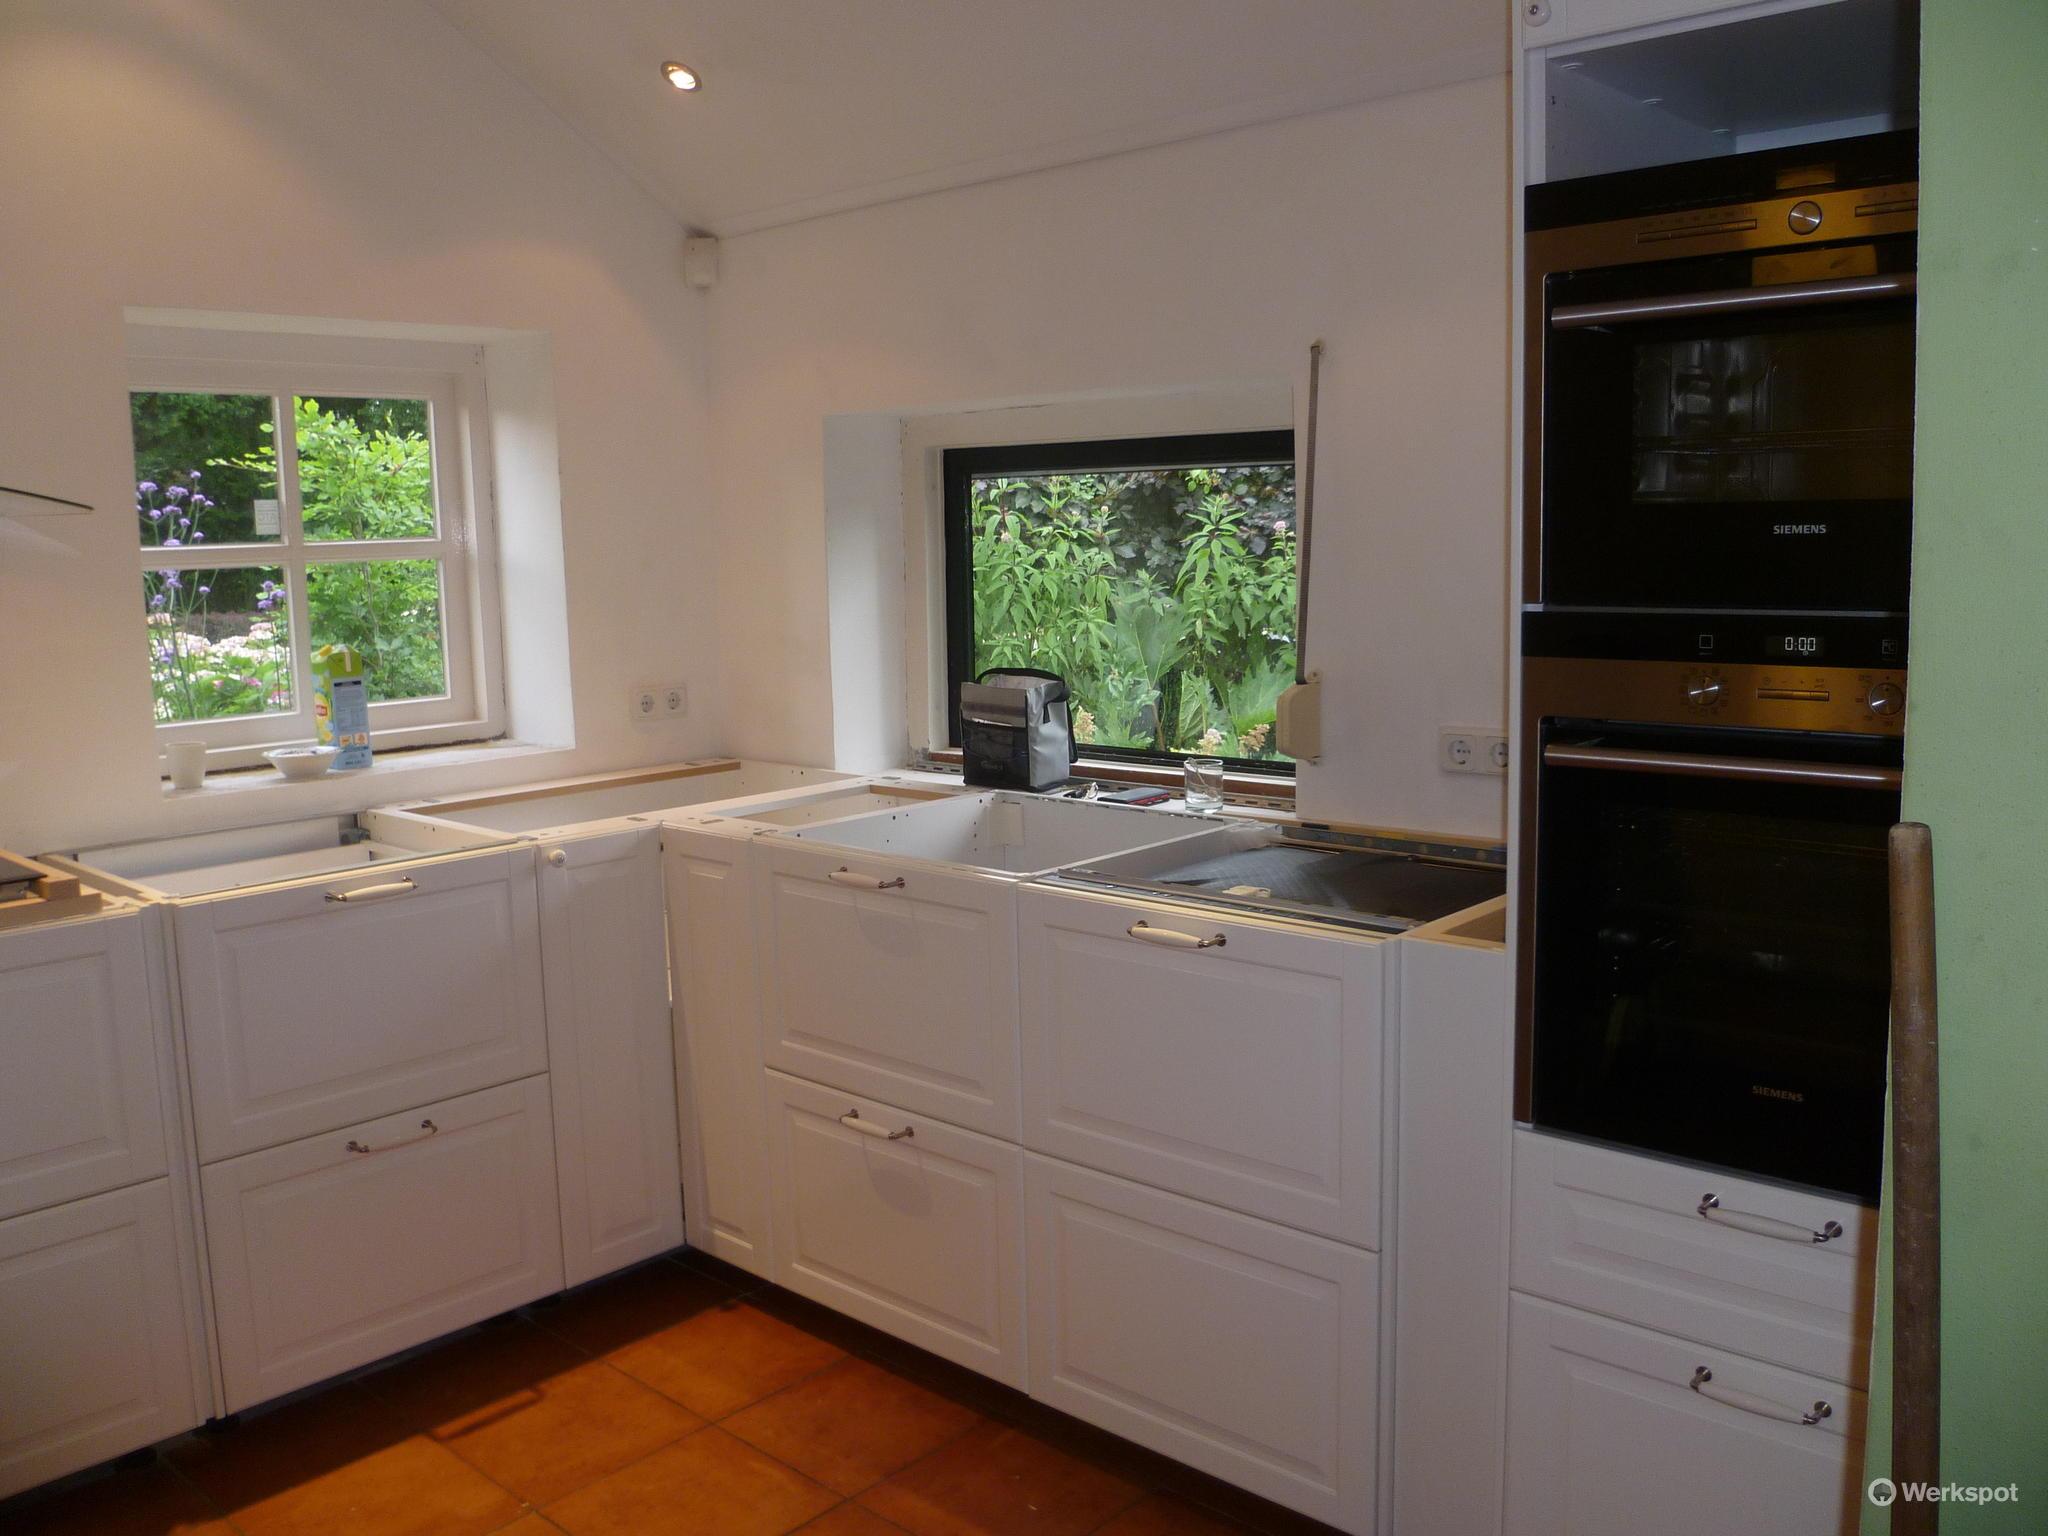 Wand Ikea Keuken : Montage ikea keuken werkspot